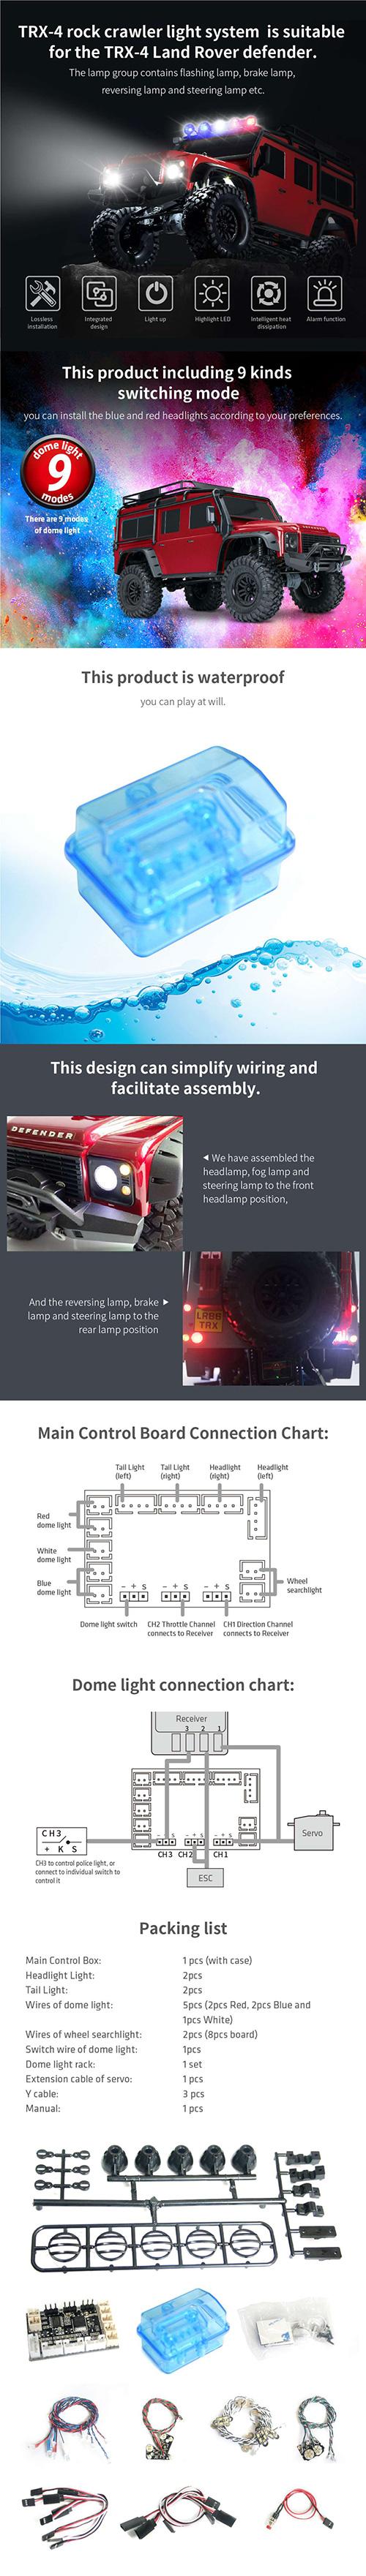 G.T. Power LED Light System Set For Traxxas TRX-4 Defender #GTP-145